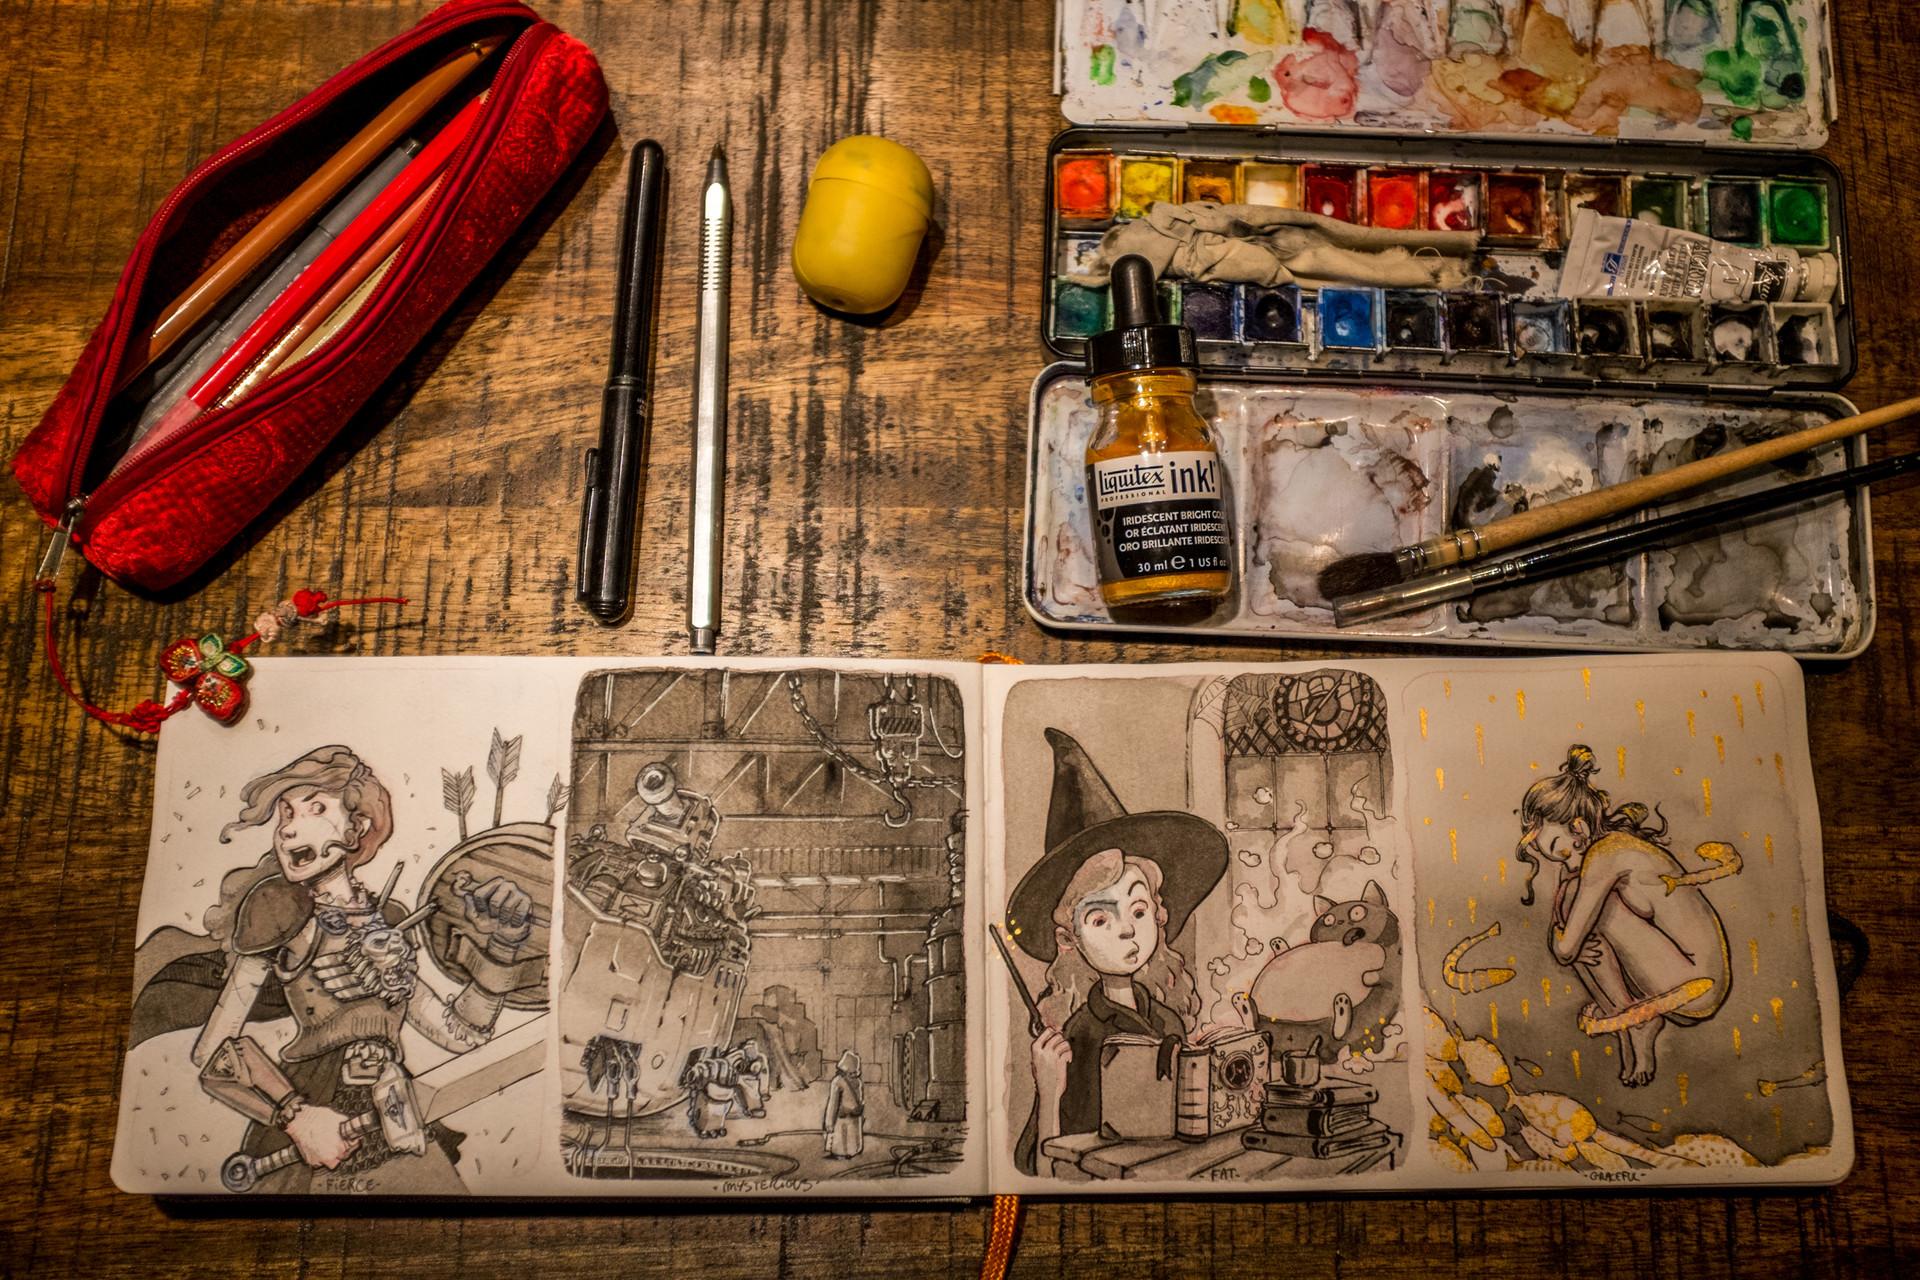 Vincent derozier vincent derozier drawings 16